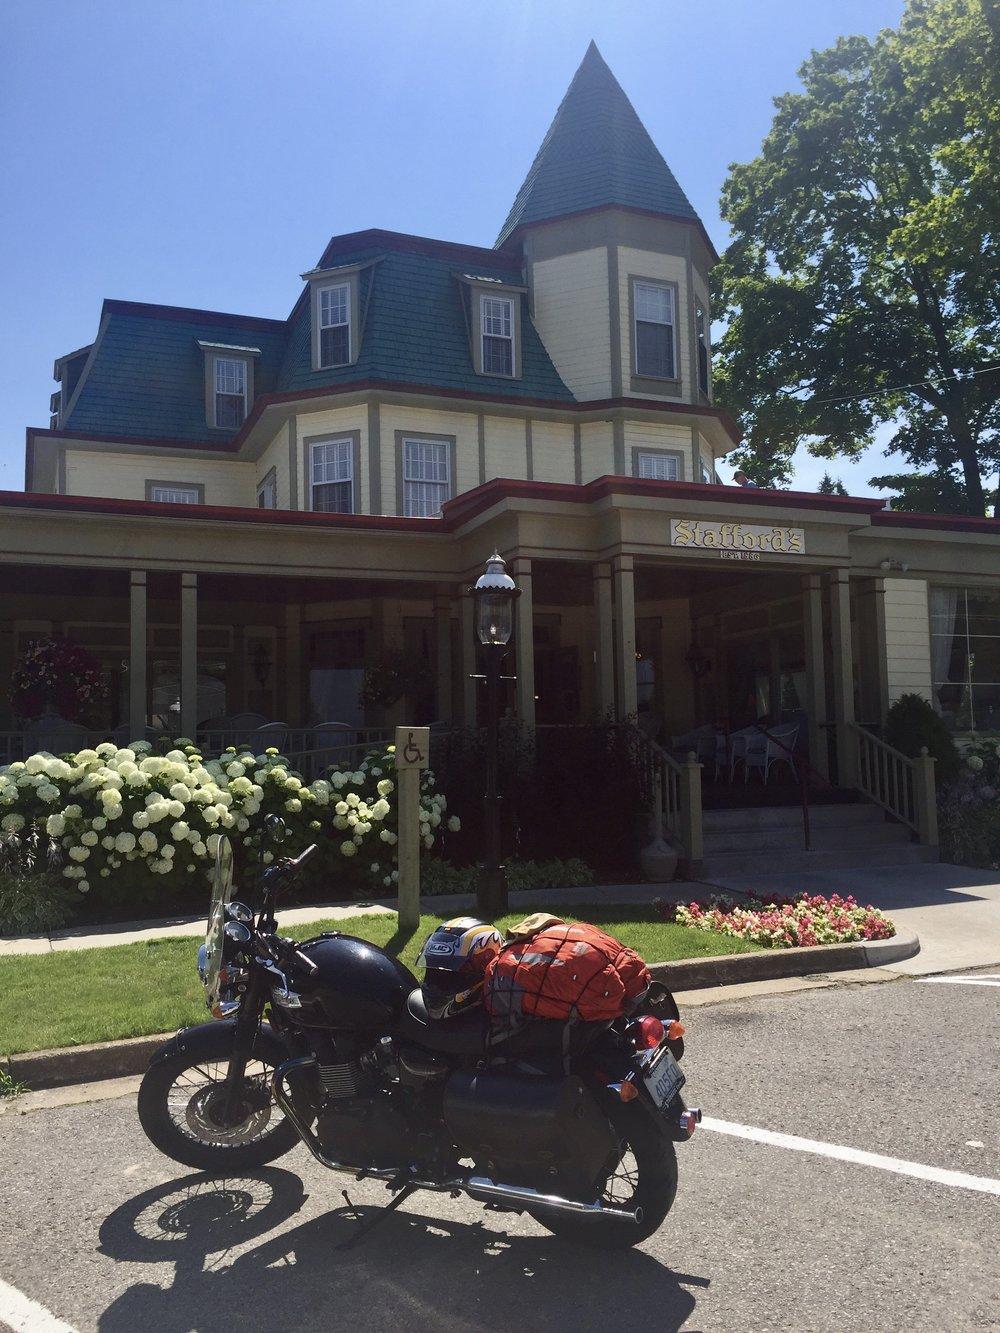 The Stafford Bay View Inn